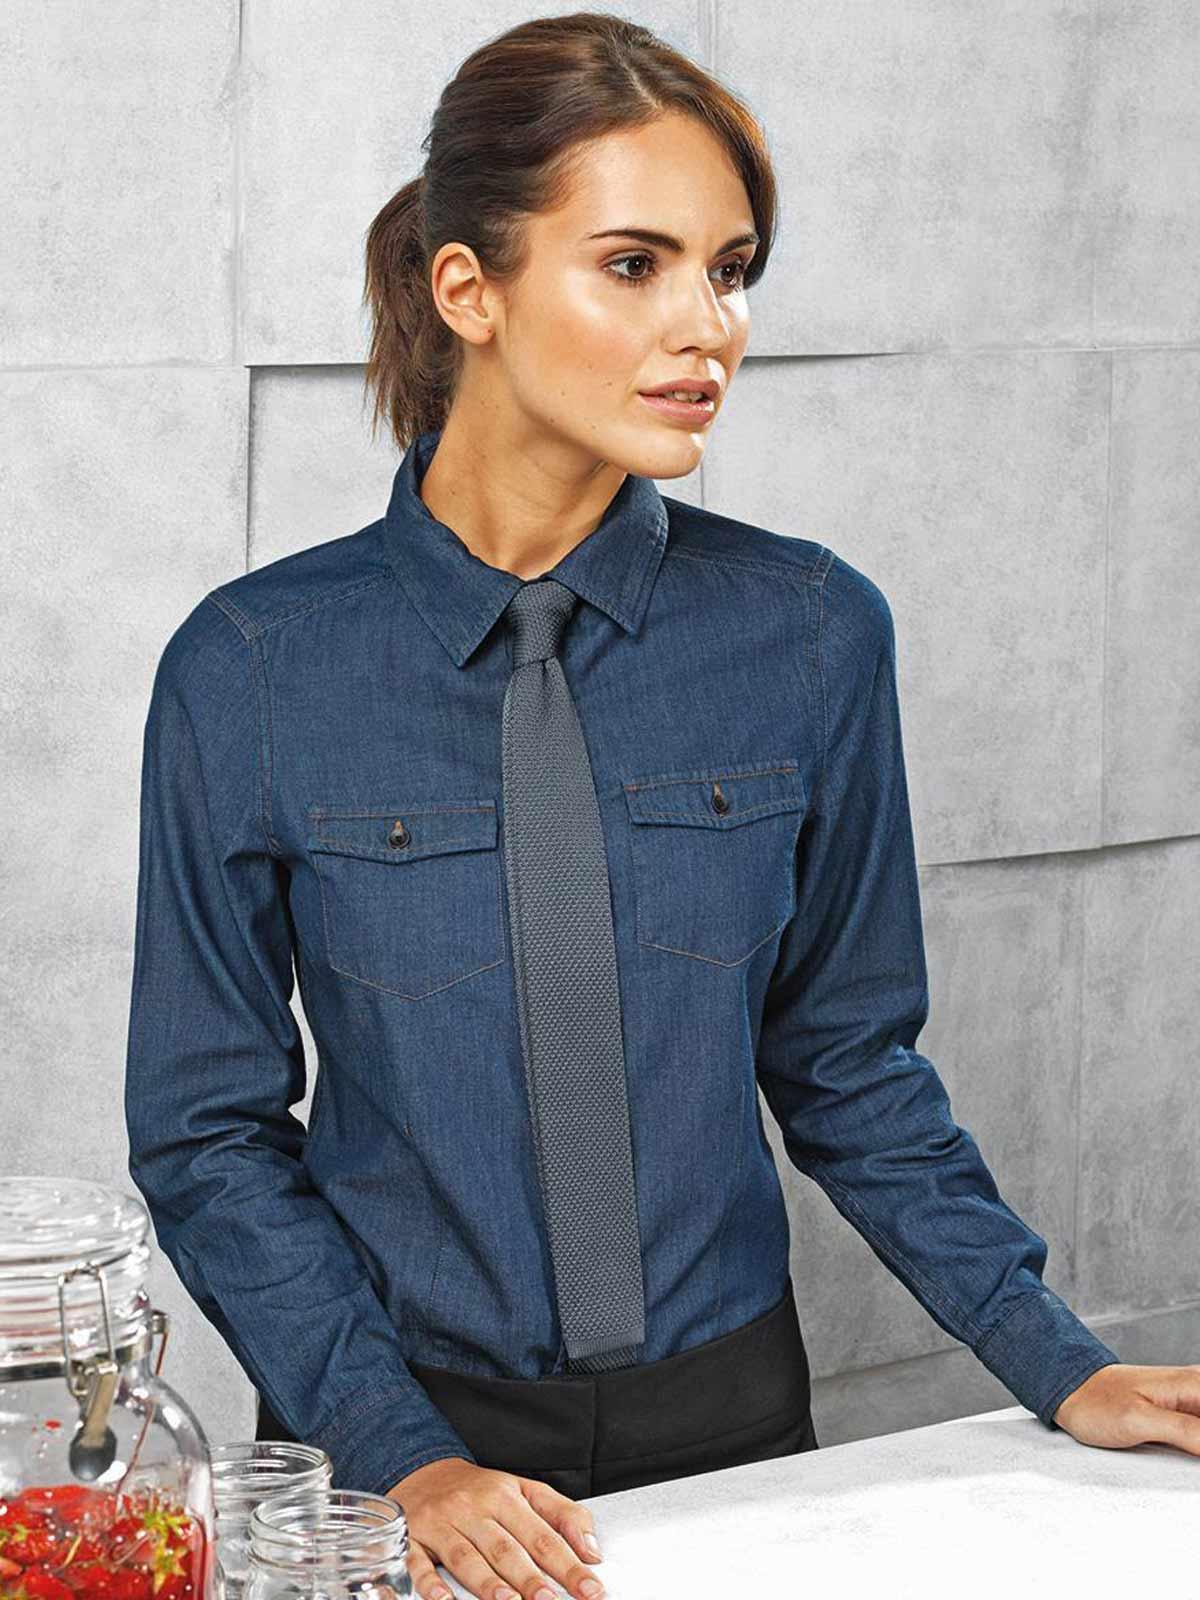 timeless design 1c3c1 8f685 Camicia donna m/l jeans PR322 Premier personalizzabili, da ...